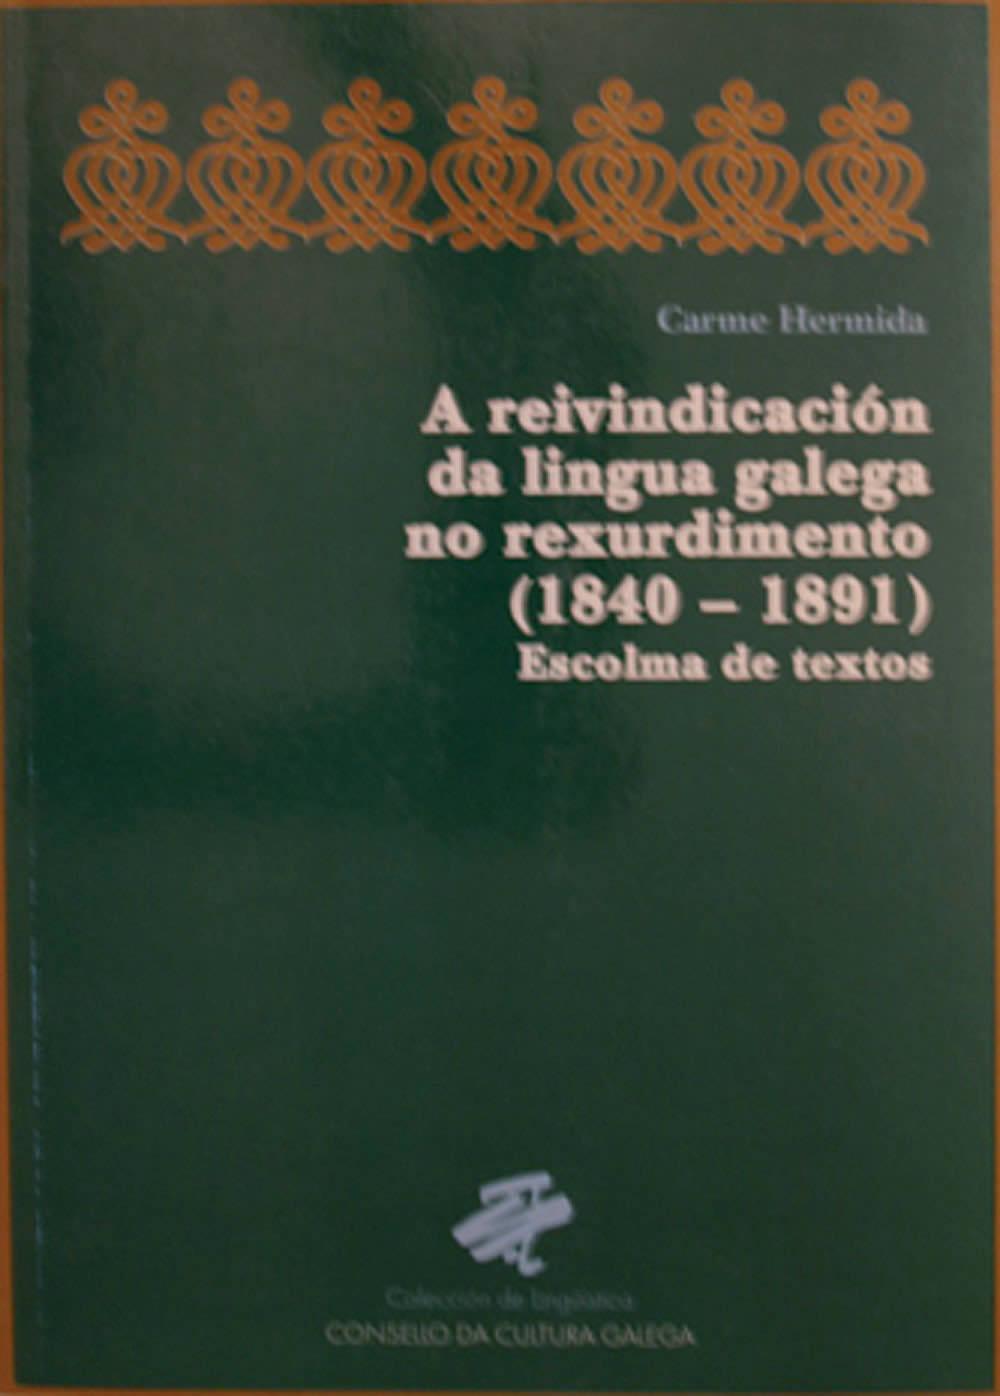 Portada de  Reivindicación da lingua galega no rexurdimento, 1840-1891